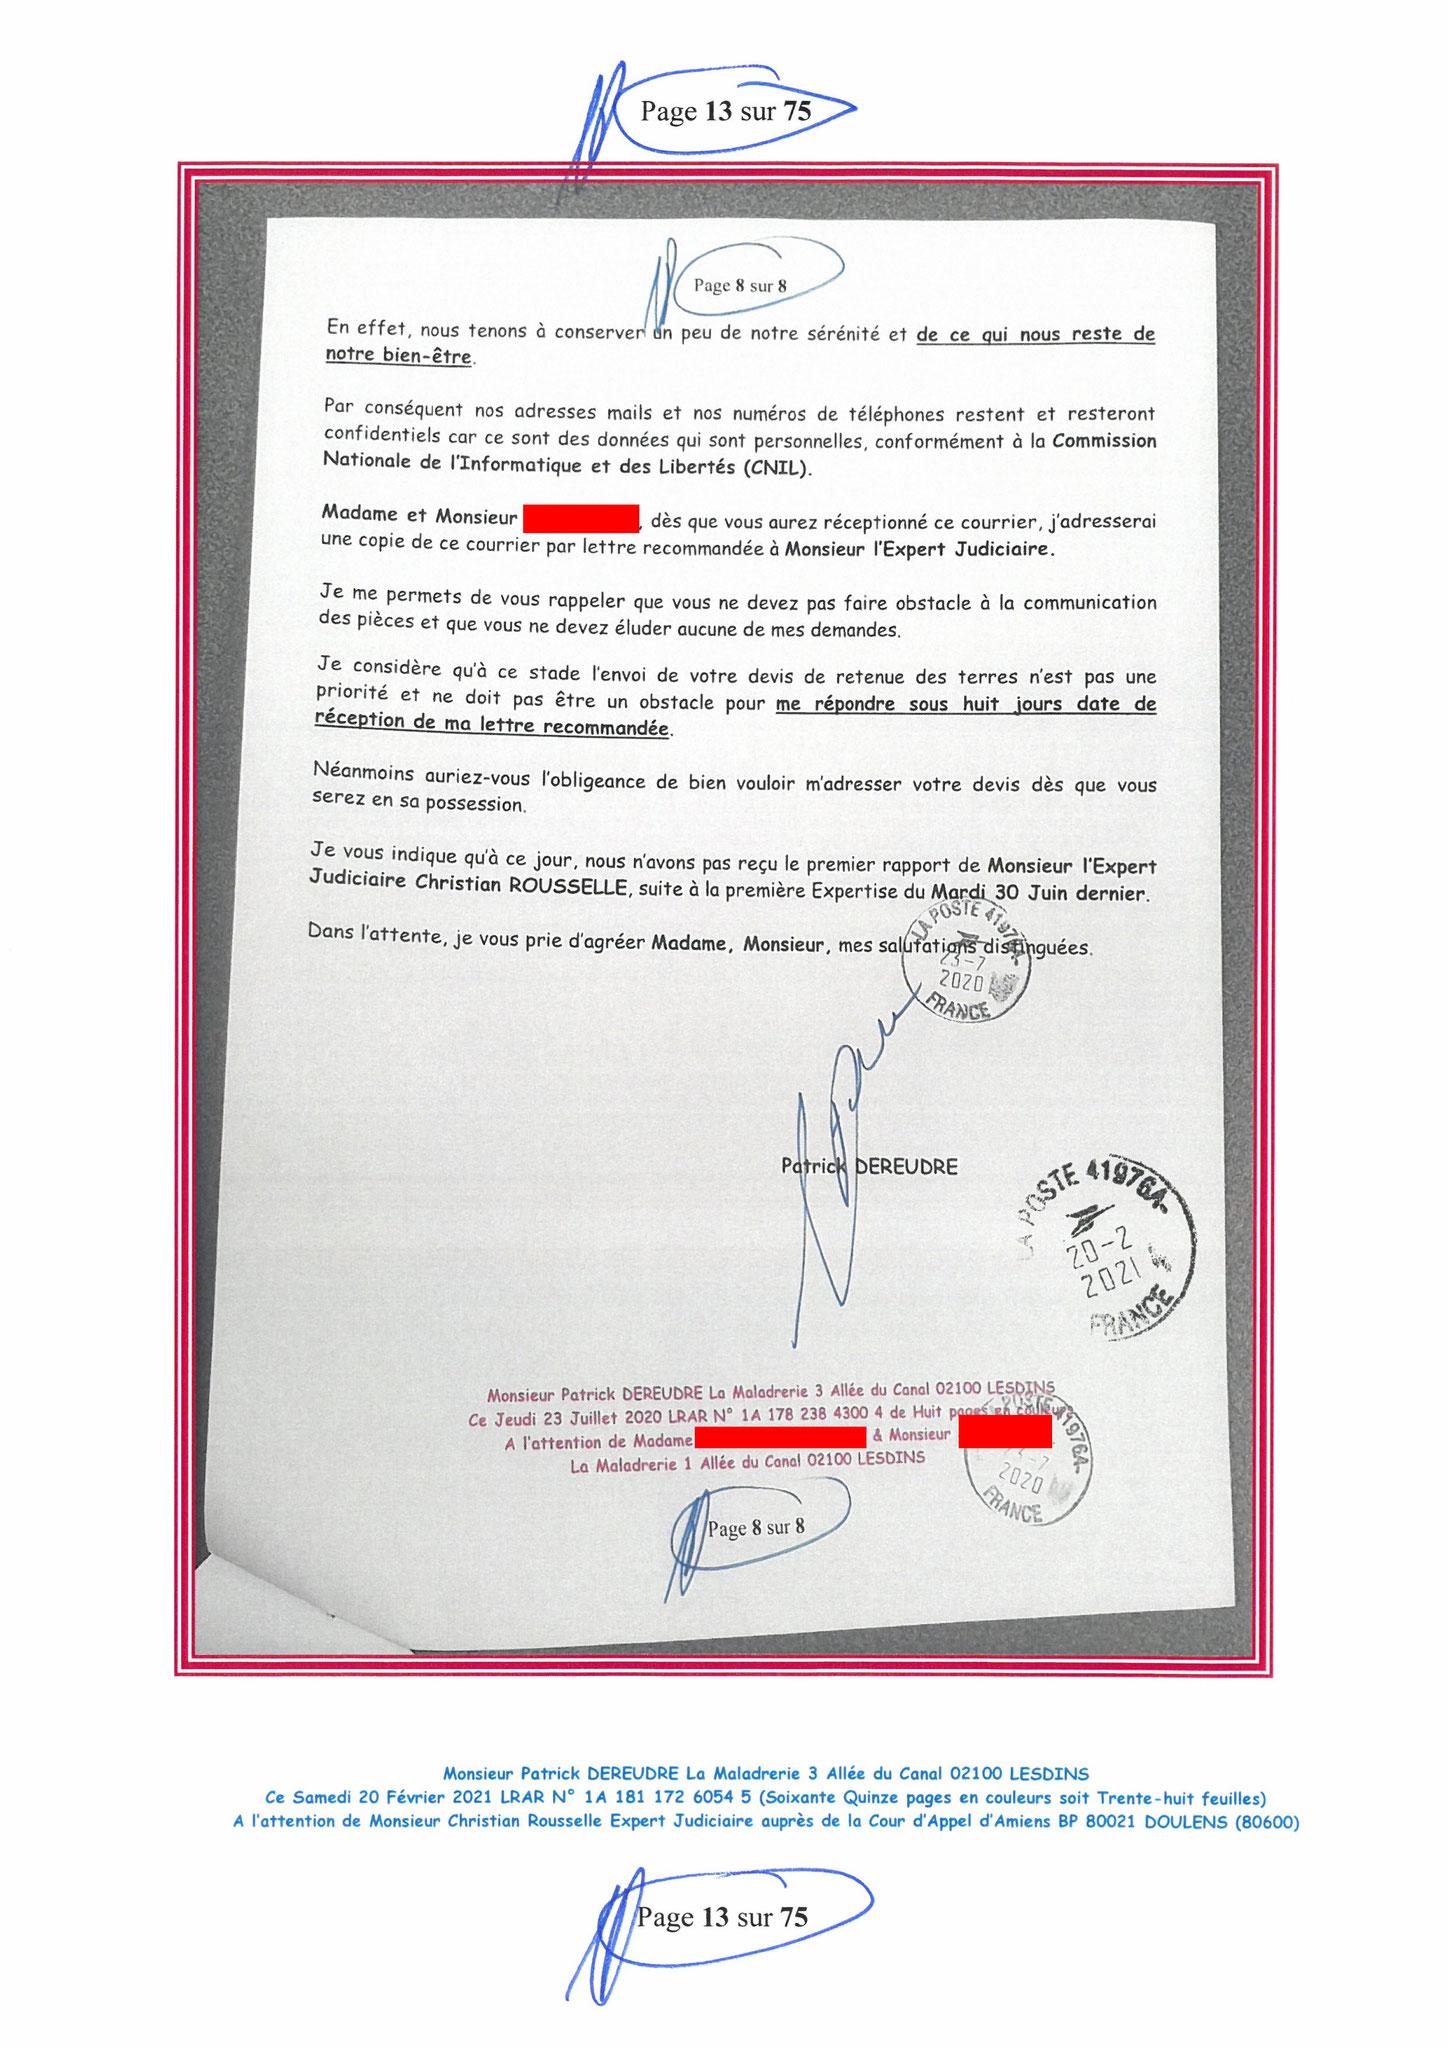 Page 13 Ma  Lettre Recommandée à Monsieur Christian ROUSSELLE Expert Judiciaire auprès de la Cour d'Appel d'Amiens Affaire MES CHERS VOISINS nos  www.jenesuispasunchien.fr www.jesuisvictime.fr www.jesuispatrick.fr PARJURE & CORRUPTION JUSTICE REPUBLIQUE